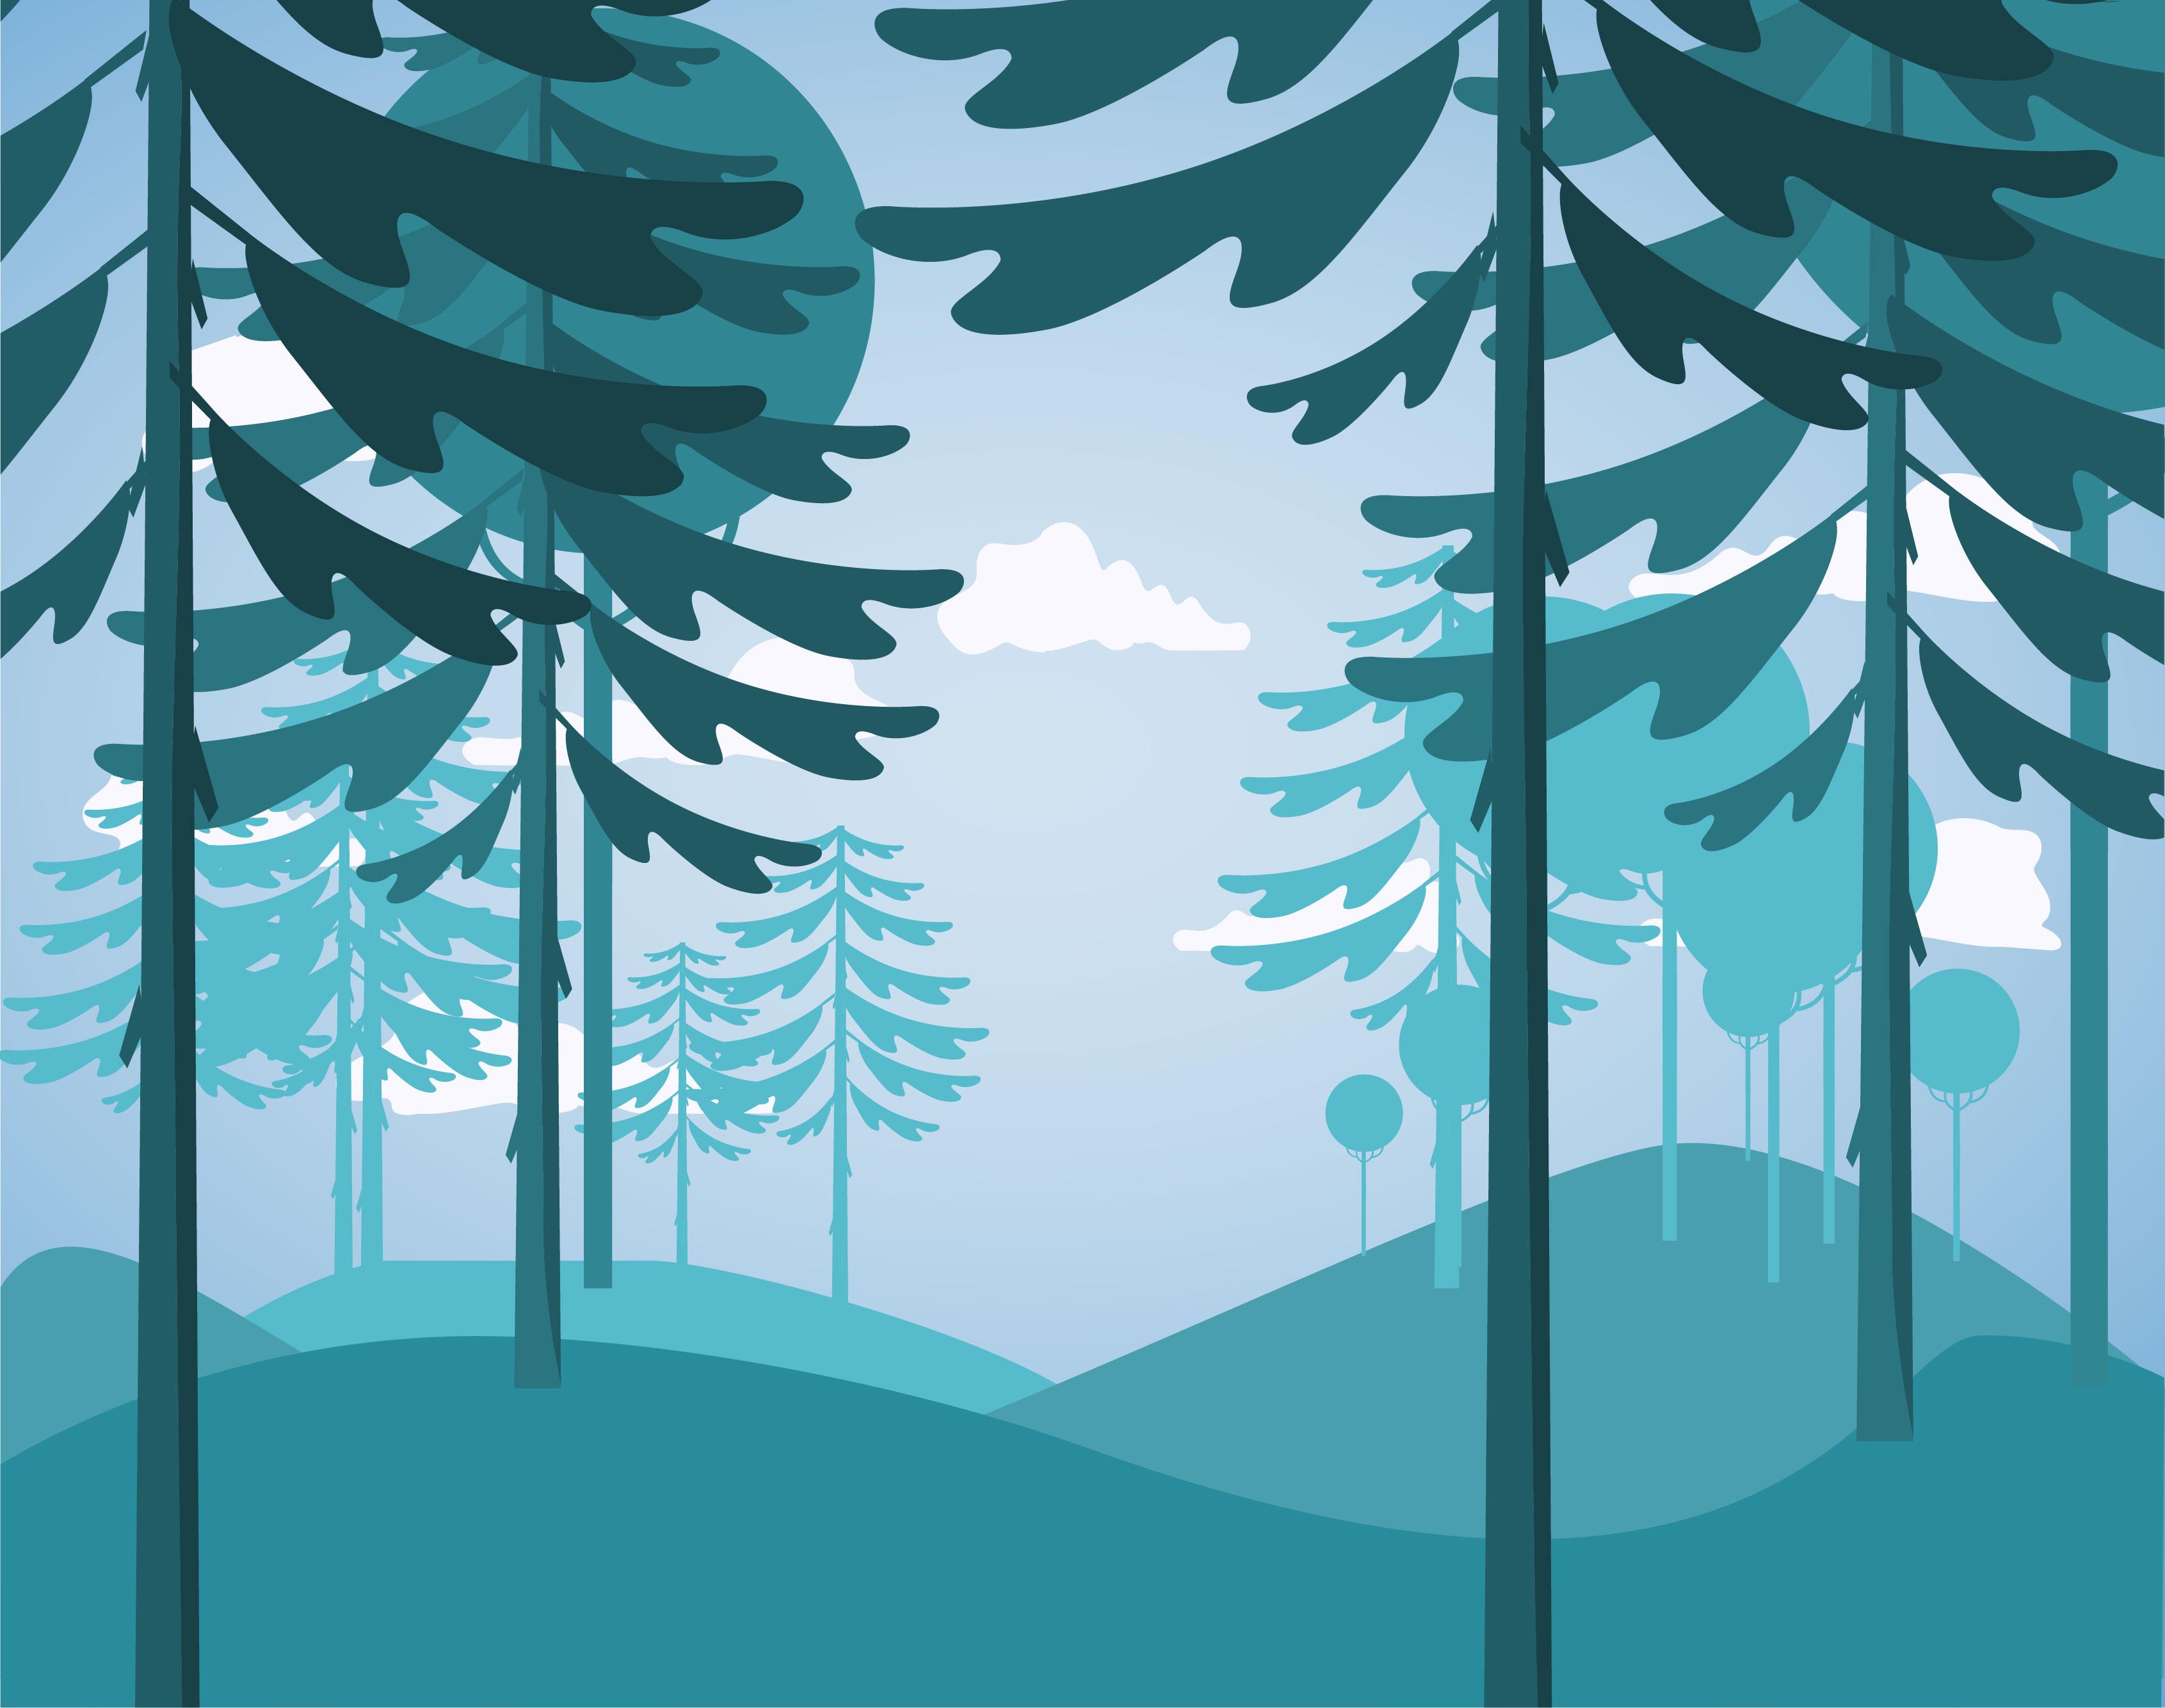 Landscape Illustration Vector Free: Flat Design Vector Landscape